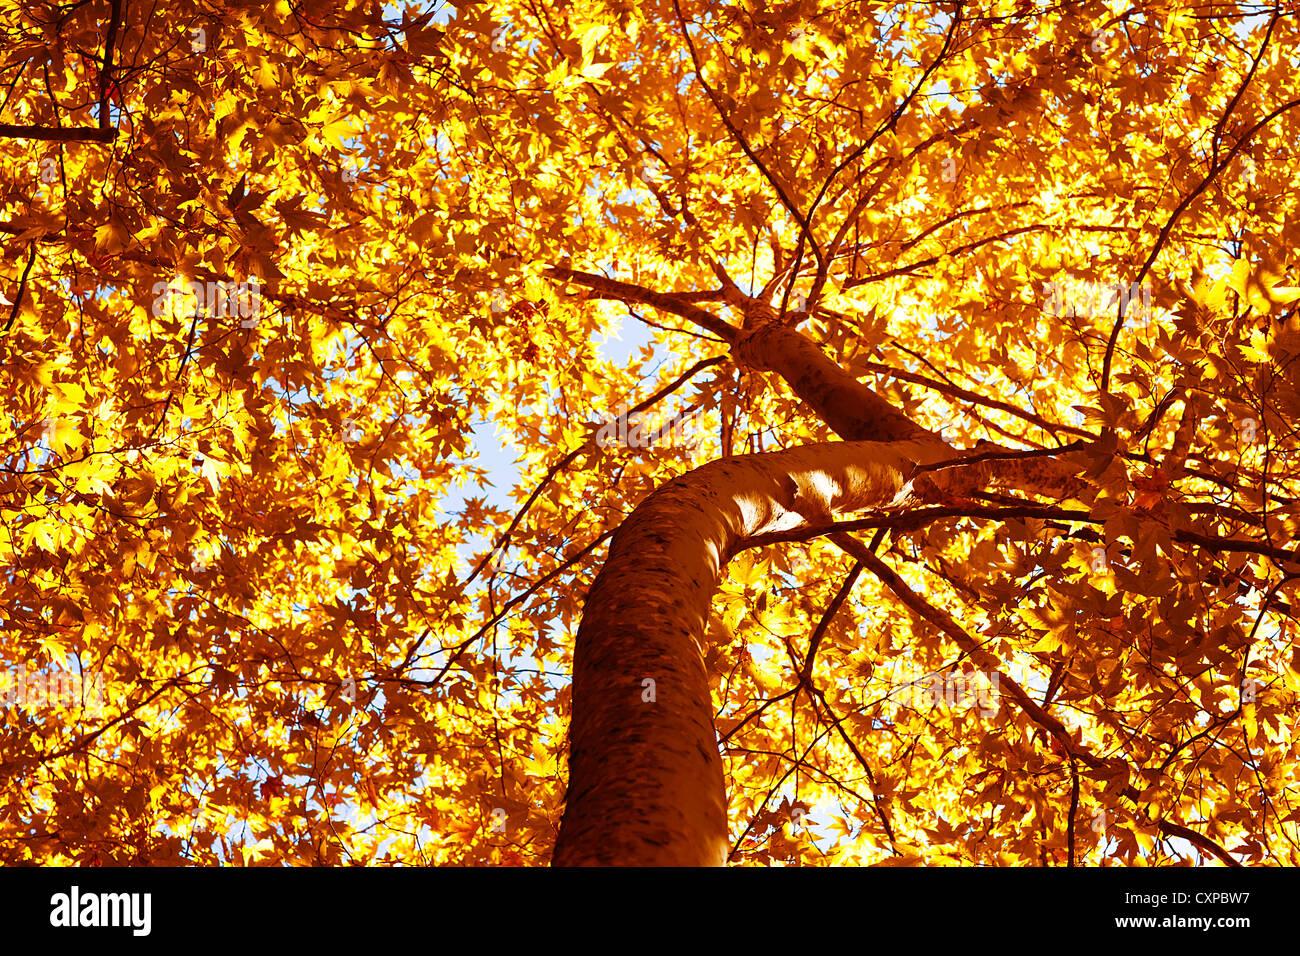 Immagine della bellissima autumn tree, secco fogliame giallo sul vecchio tronco di albero, abstract foglie d'oro Immagini Stock